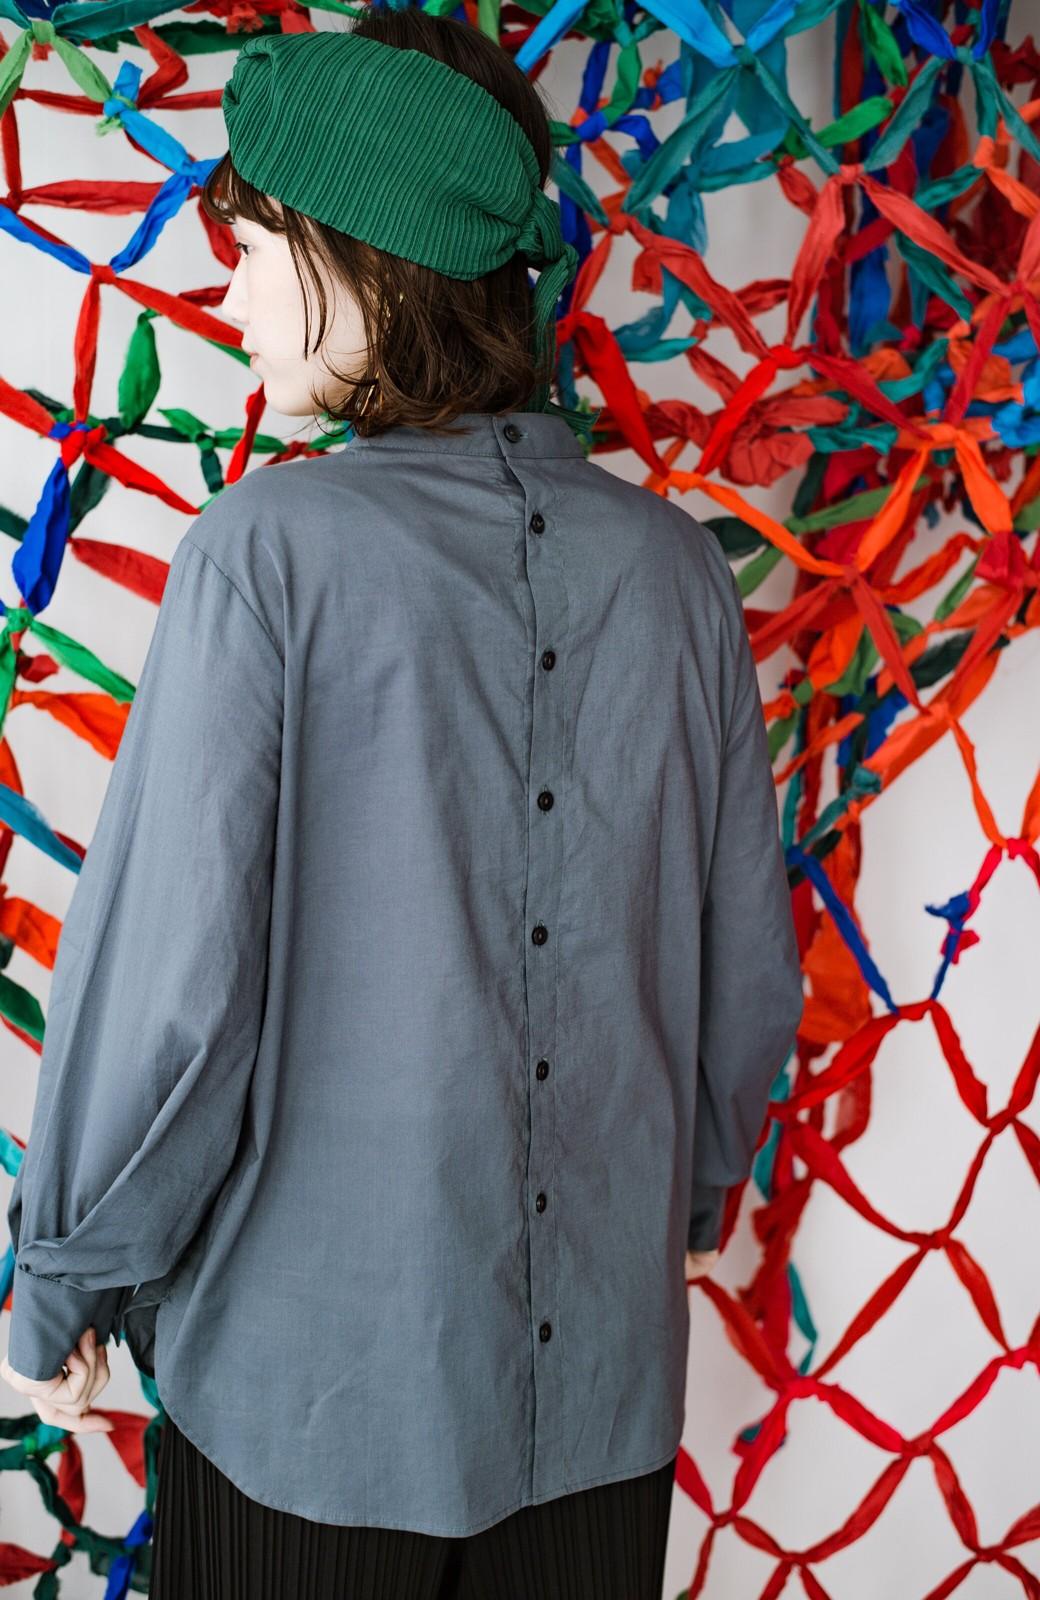 haco! 上品な刺繍がまるでレースのよう オーガニックコットンの袖ぽんわりブラウス from Stitch by Stitch <グレイッシュブルー>の商品写真10